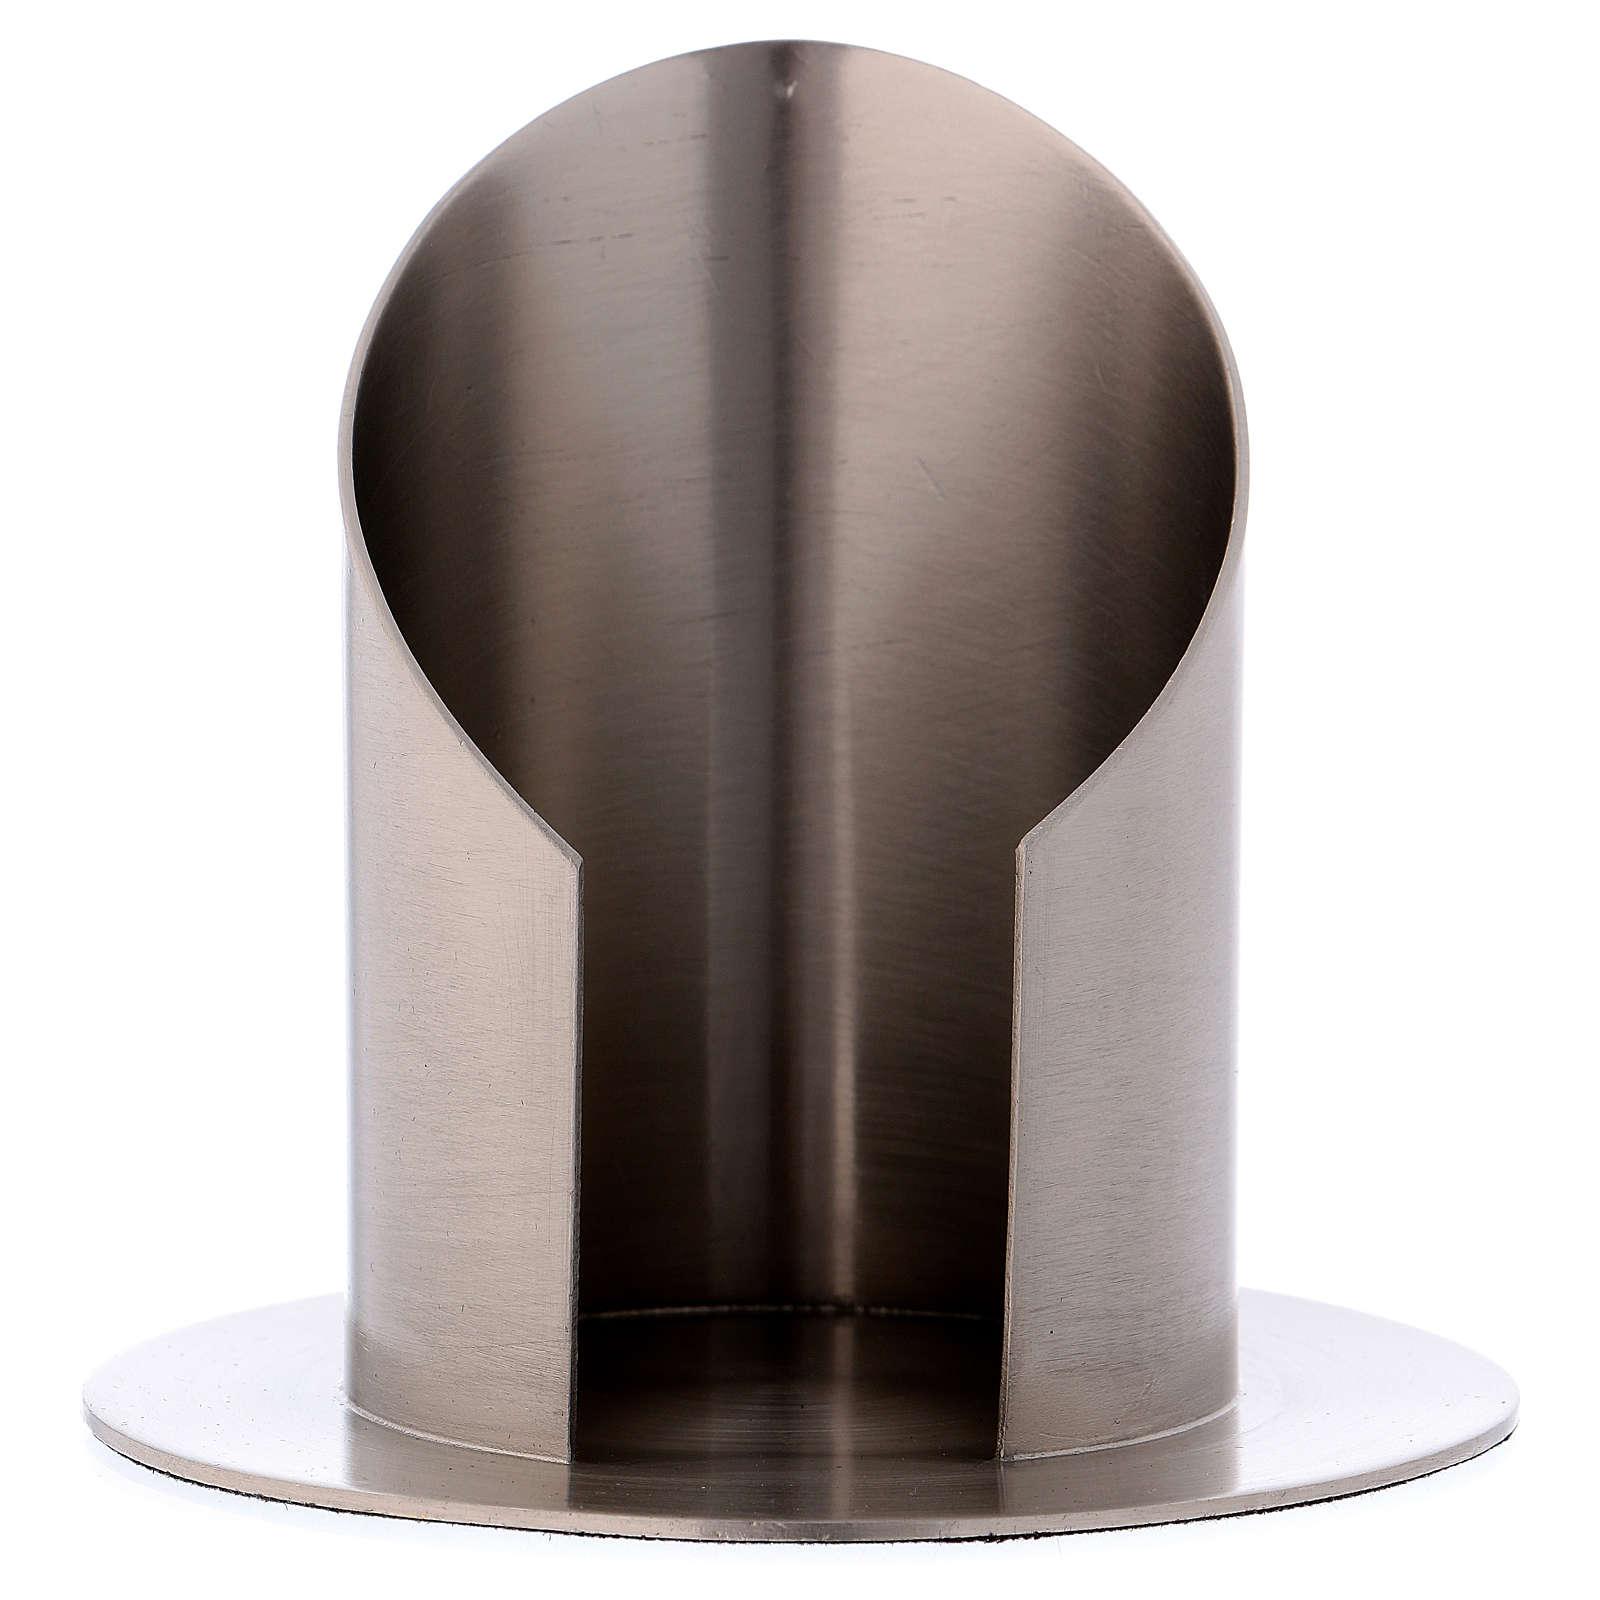 Portacero tubolare con apertura ottone argentato opaco 4